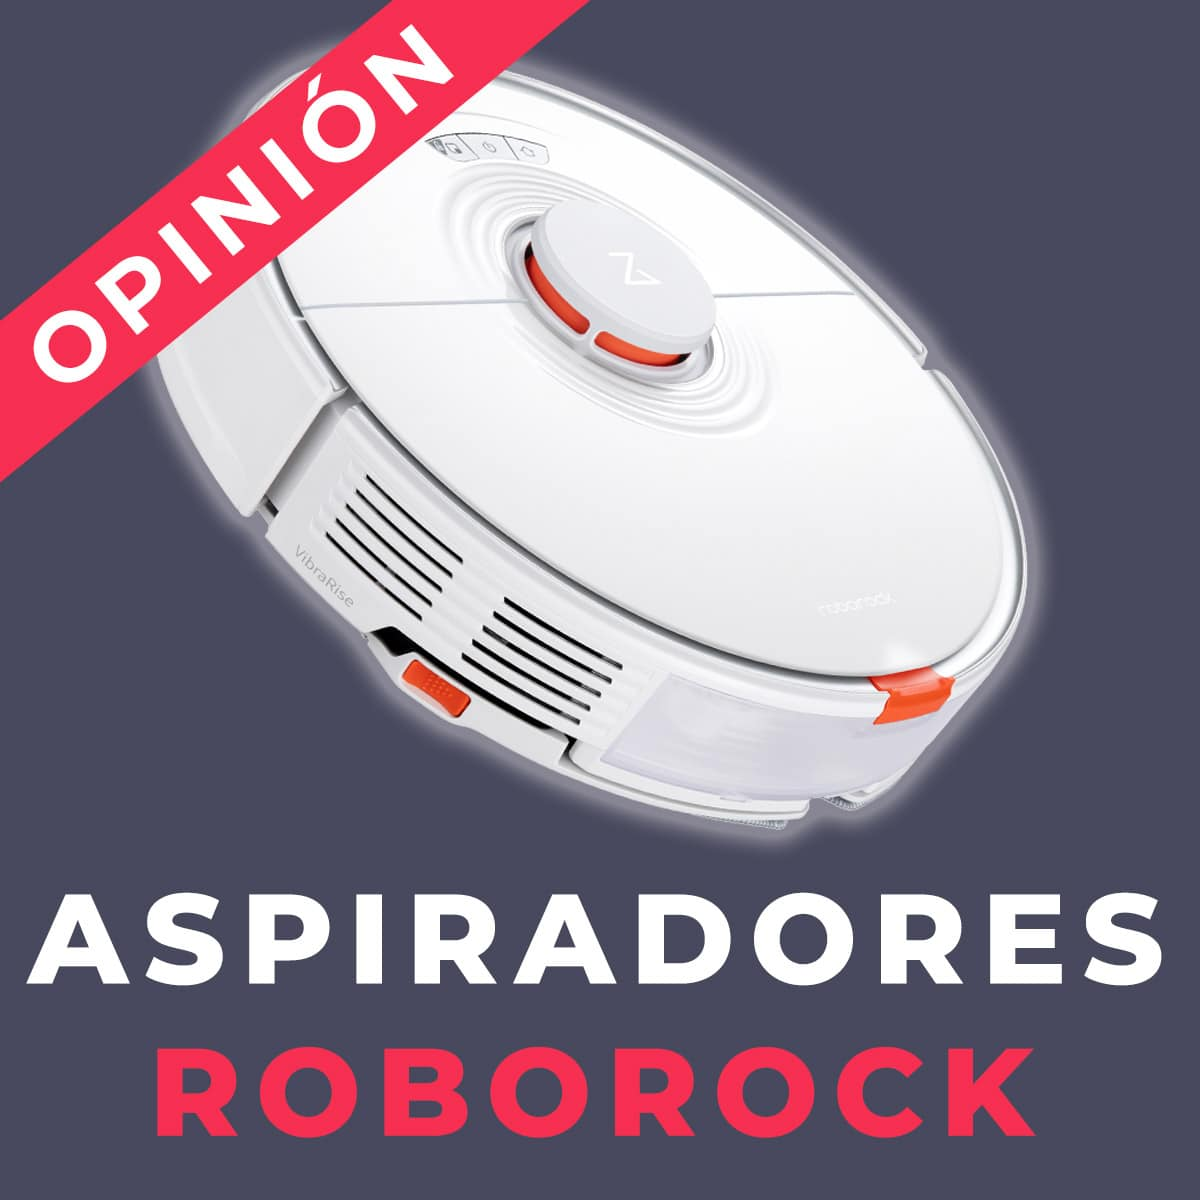 aspirador roborock